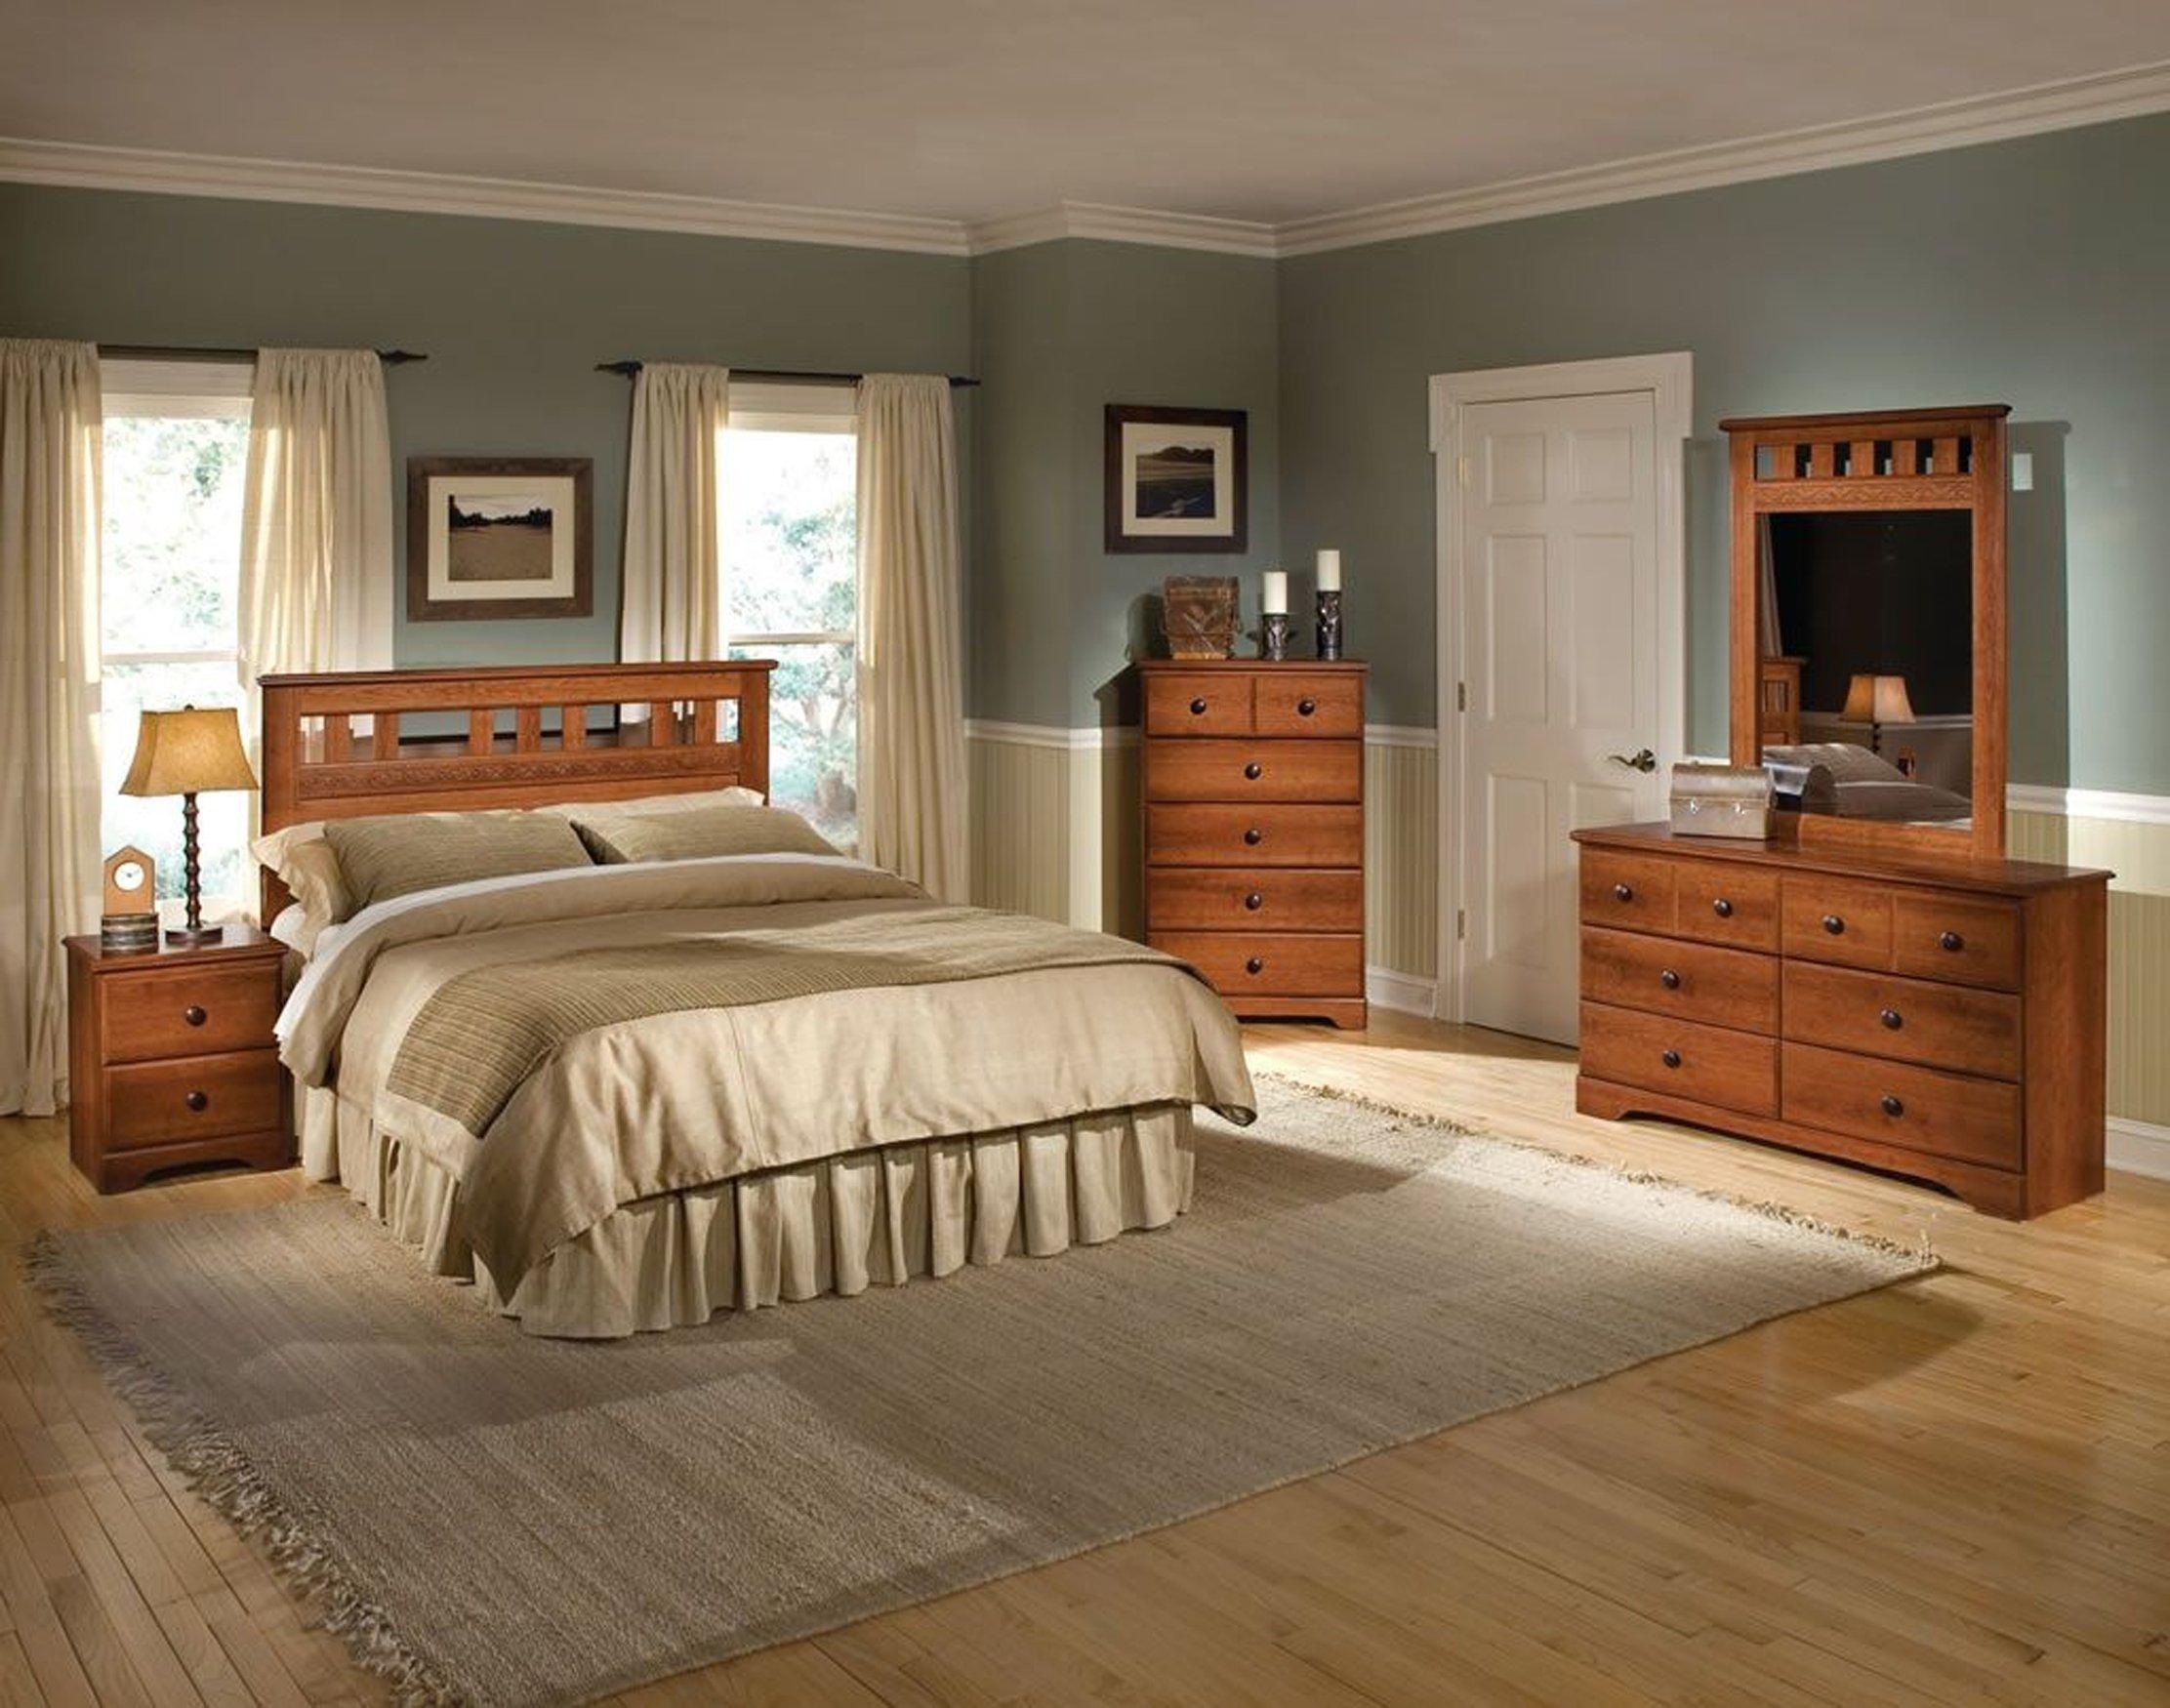 Cambridge Seasons Five Piece Suite: Queen Bed, Dresser, Mirror, Chest, Nightstand Bedroom Sets Indoor Furniture, Brown by CAMBRIDGE